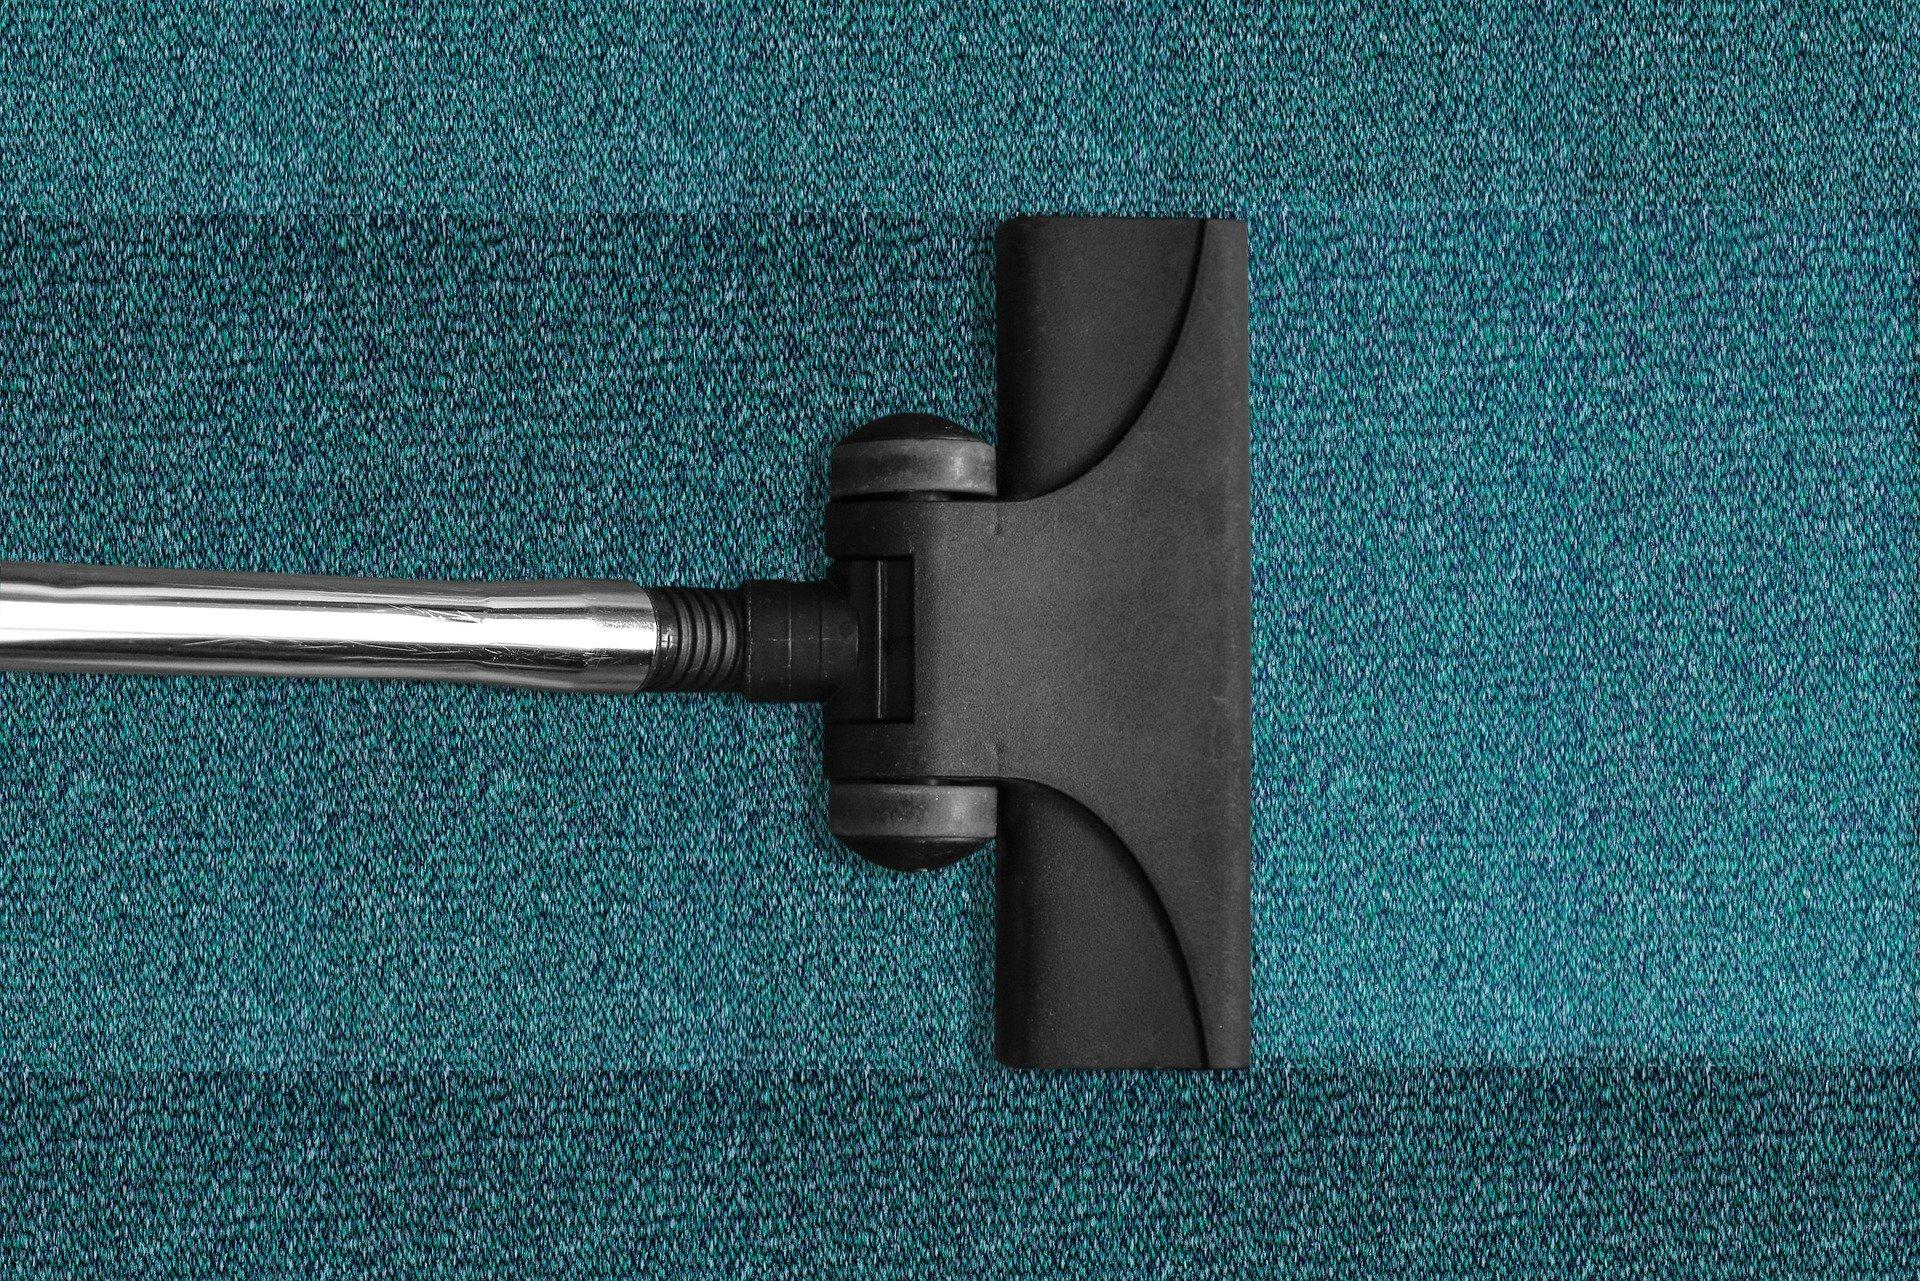 Quali tappeti sono i più facili da pulire?